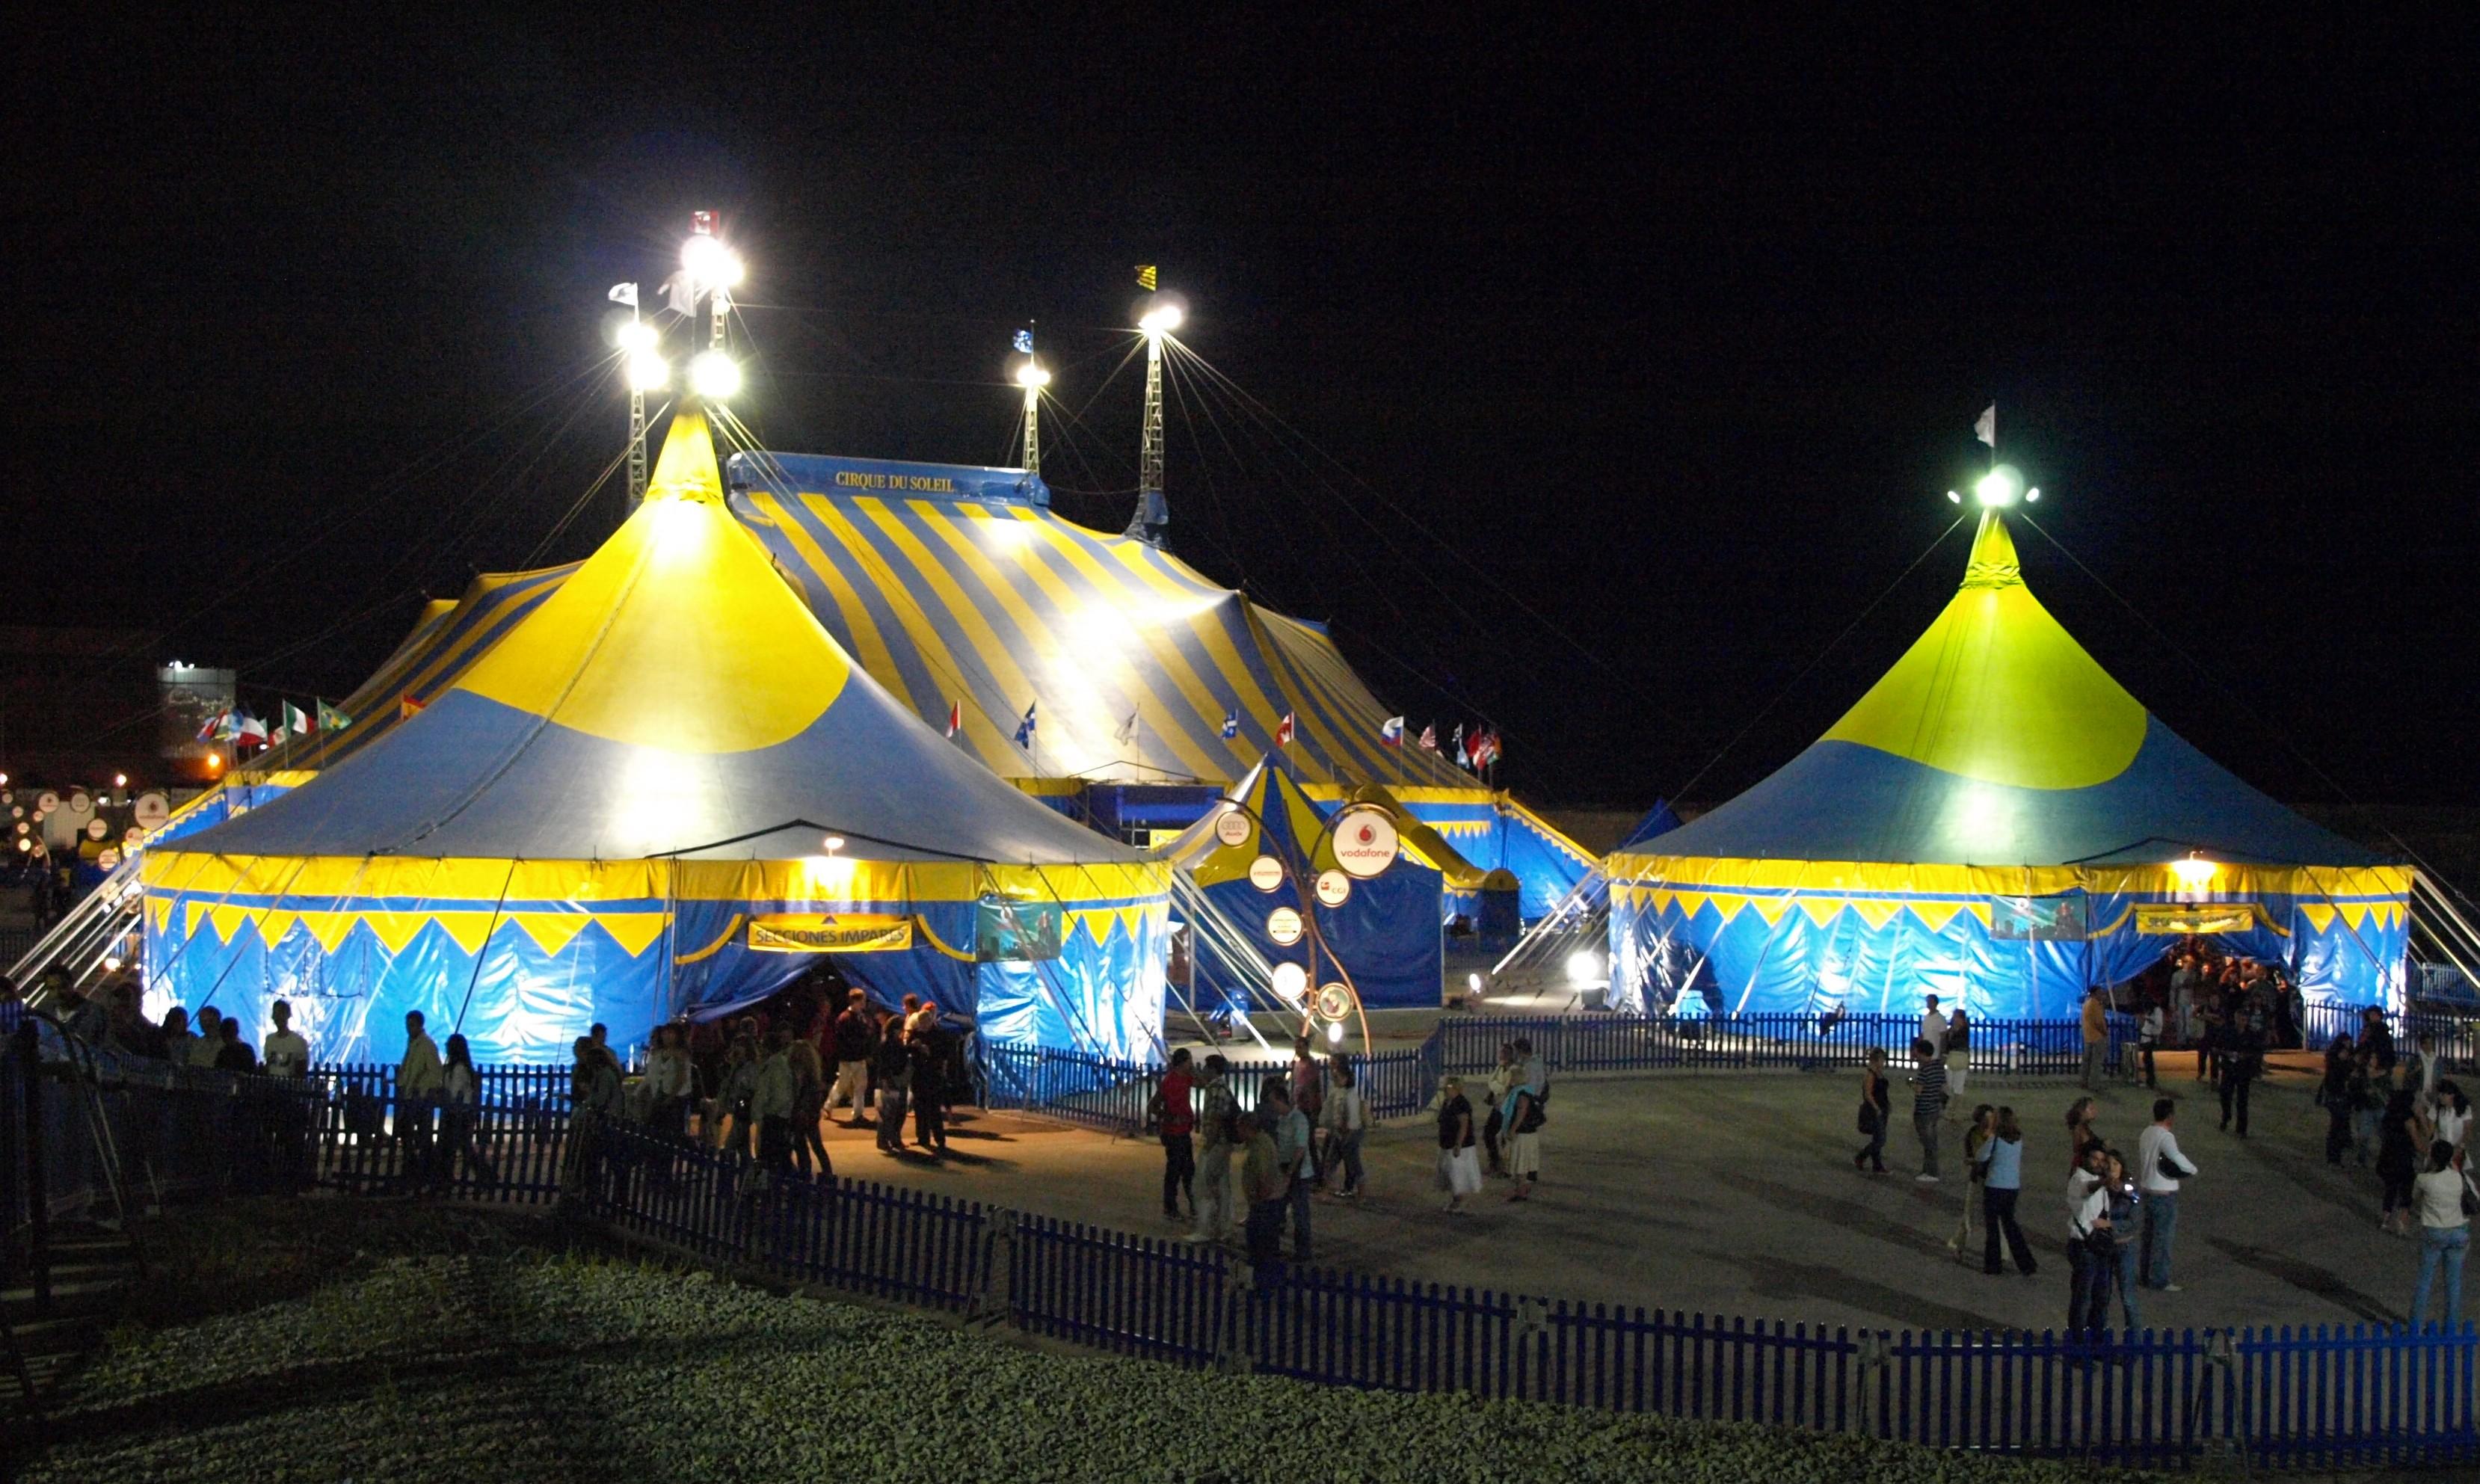 Original file ... & File:Circo del Sol.JPG - Wikimedia Commons